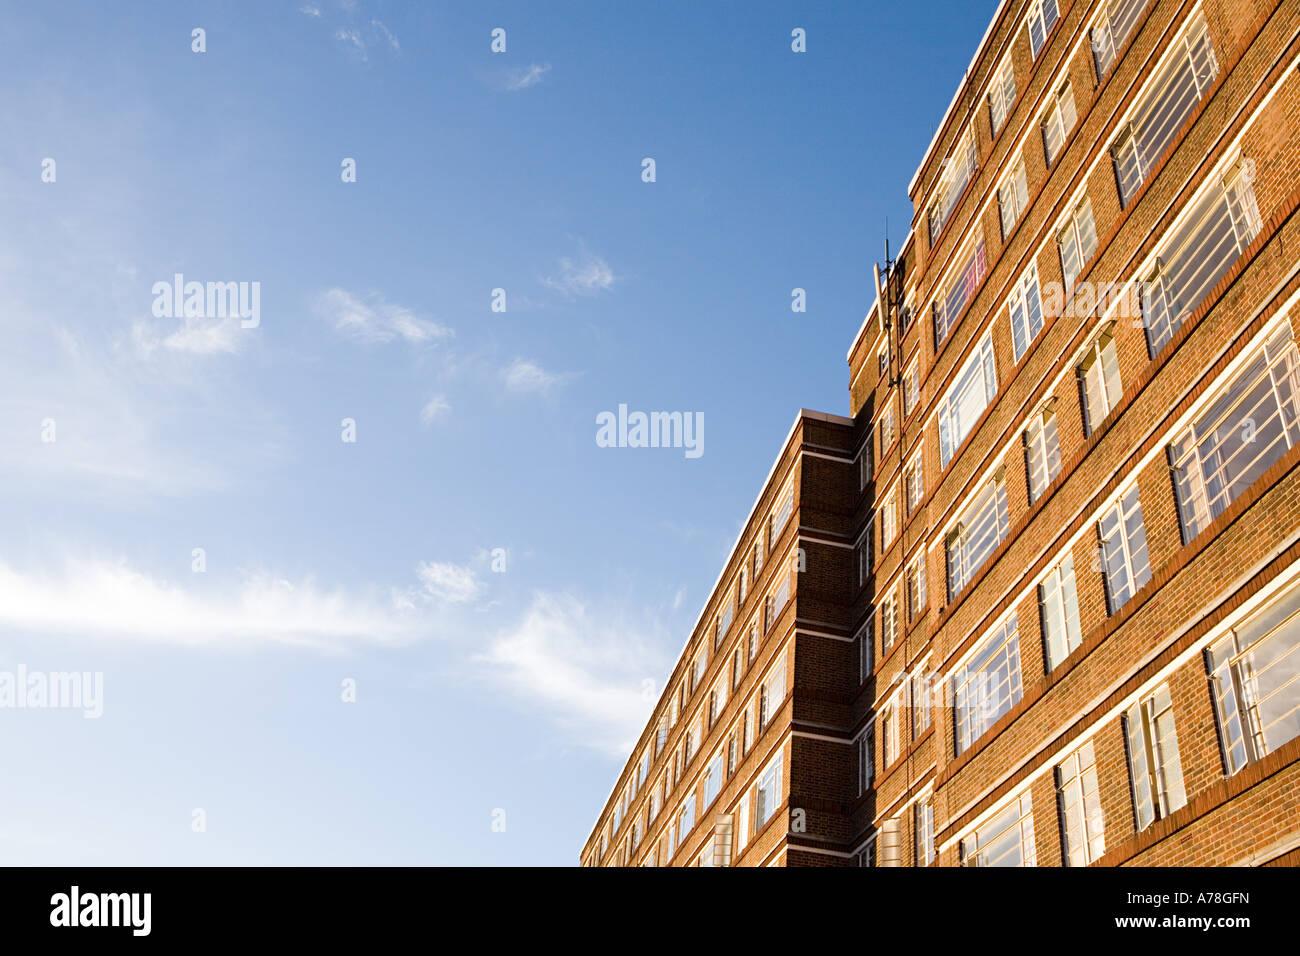 Mehrfamilienhaus Stockbild